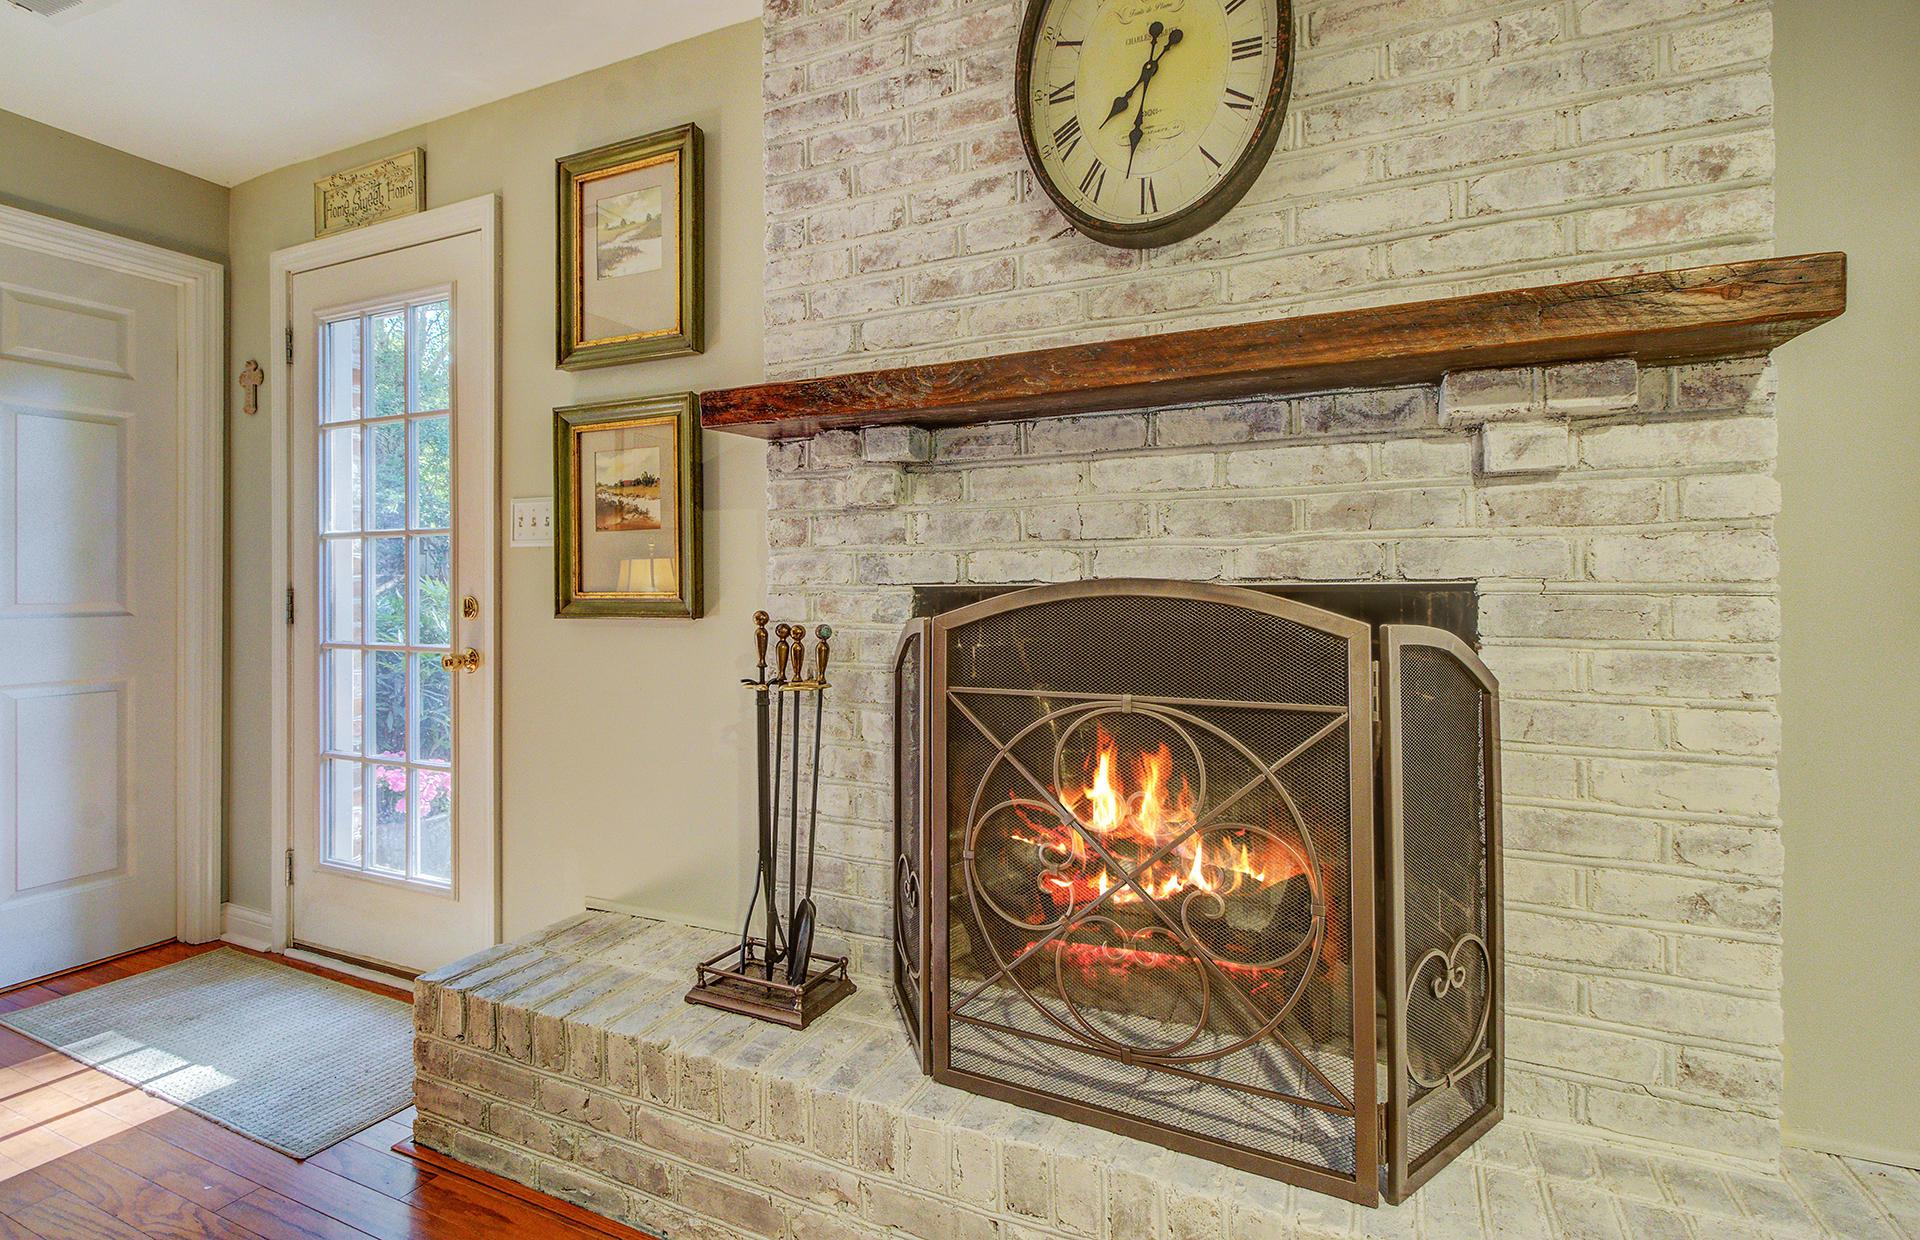 Pine Forest Inn Homes For Sale - 543 Simmons, Summerville, SC - 56